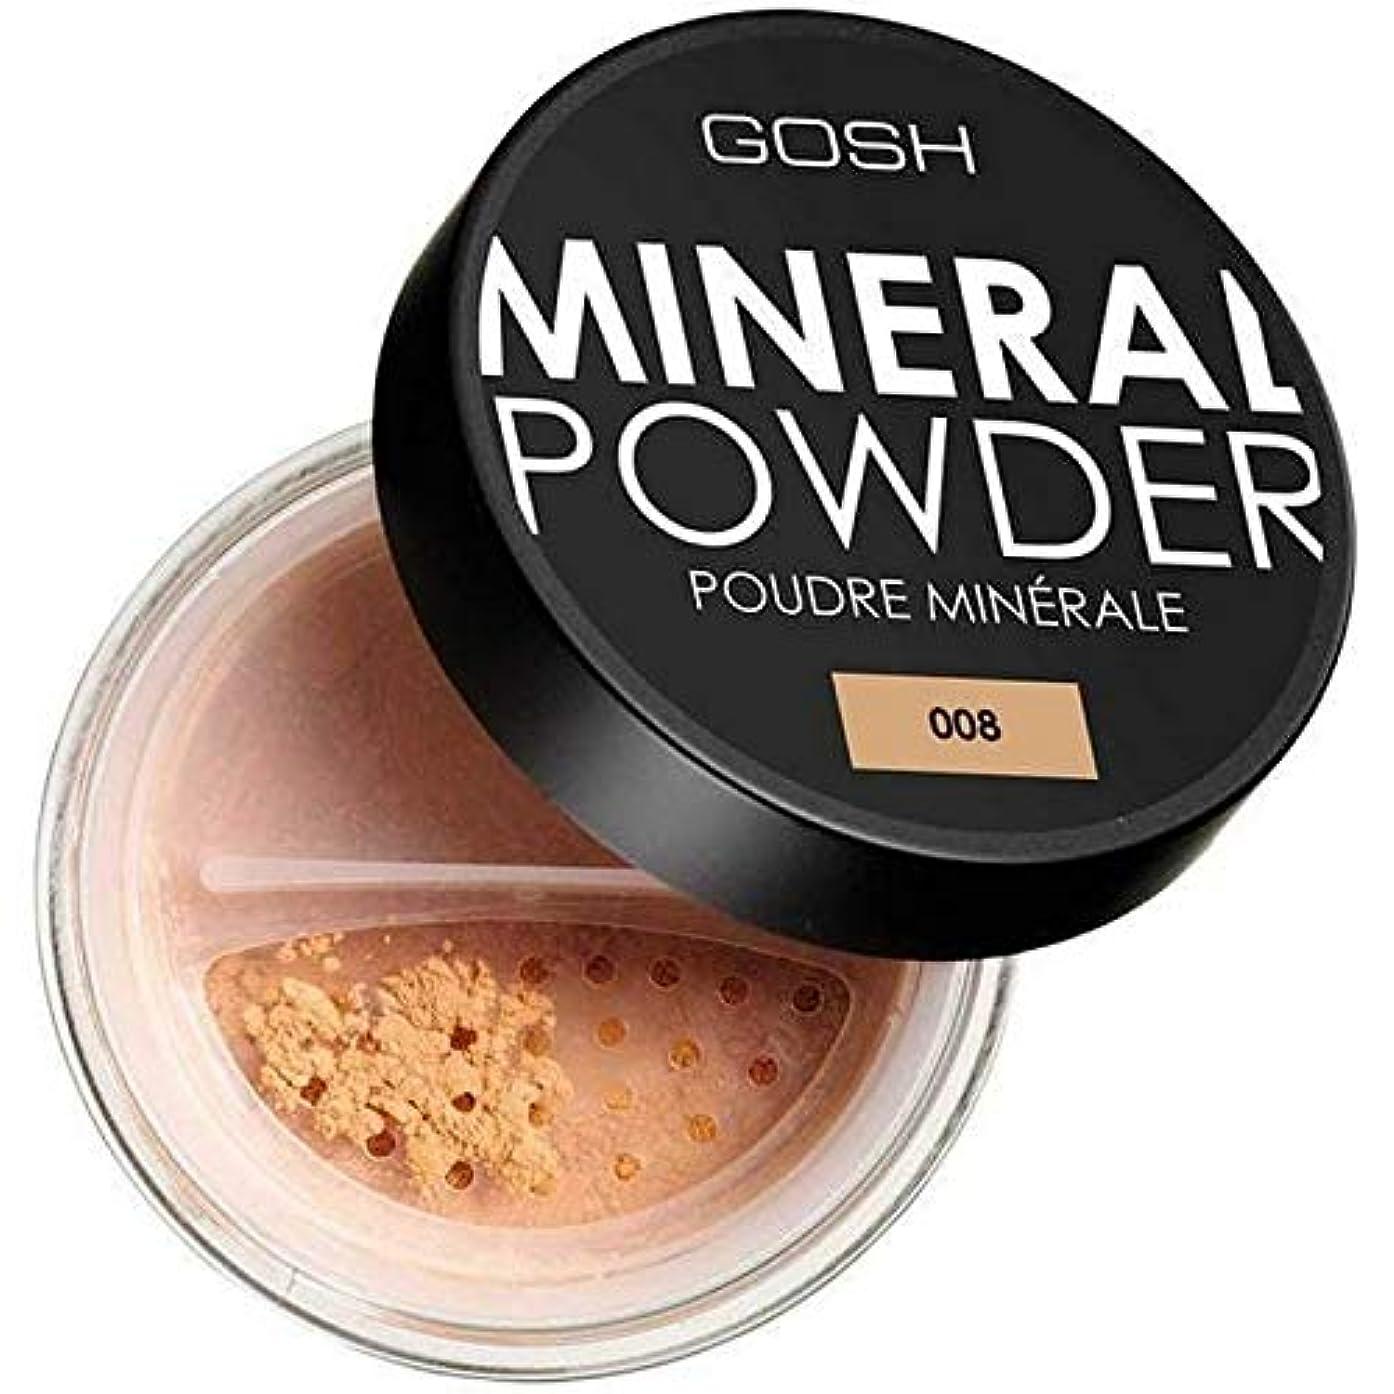 致命的なネクタイ差[GOSH ] おやっミネラルフルカバーファンデーションパウダー日焼け008 - GOSH Mineral Full Coverage Foundation Powder Tan 008 [並行輸入品]